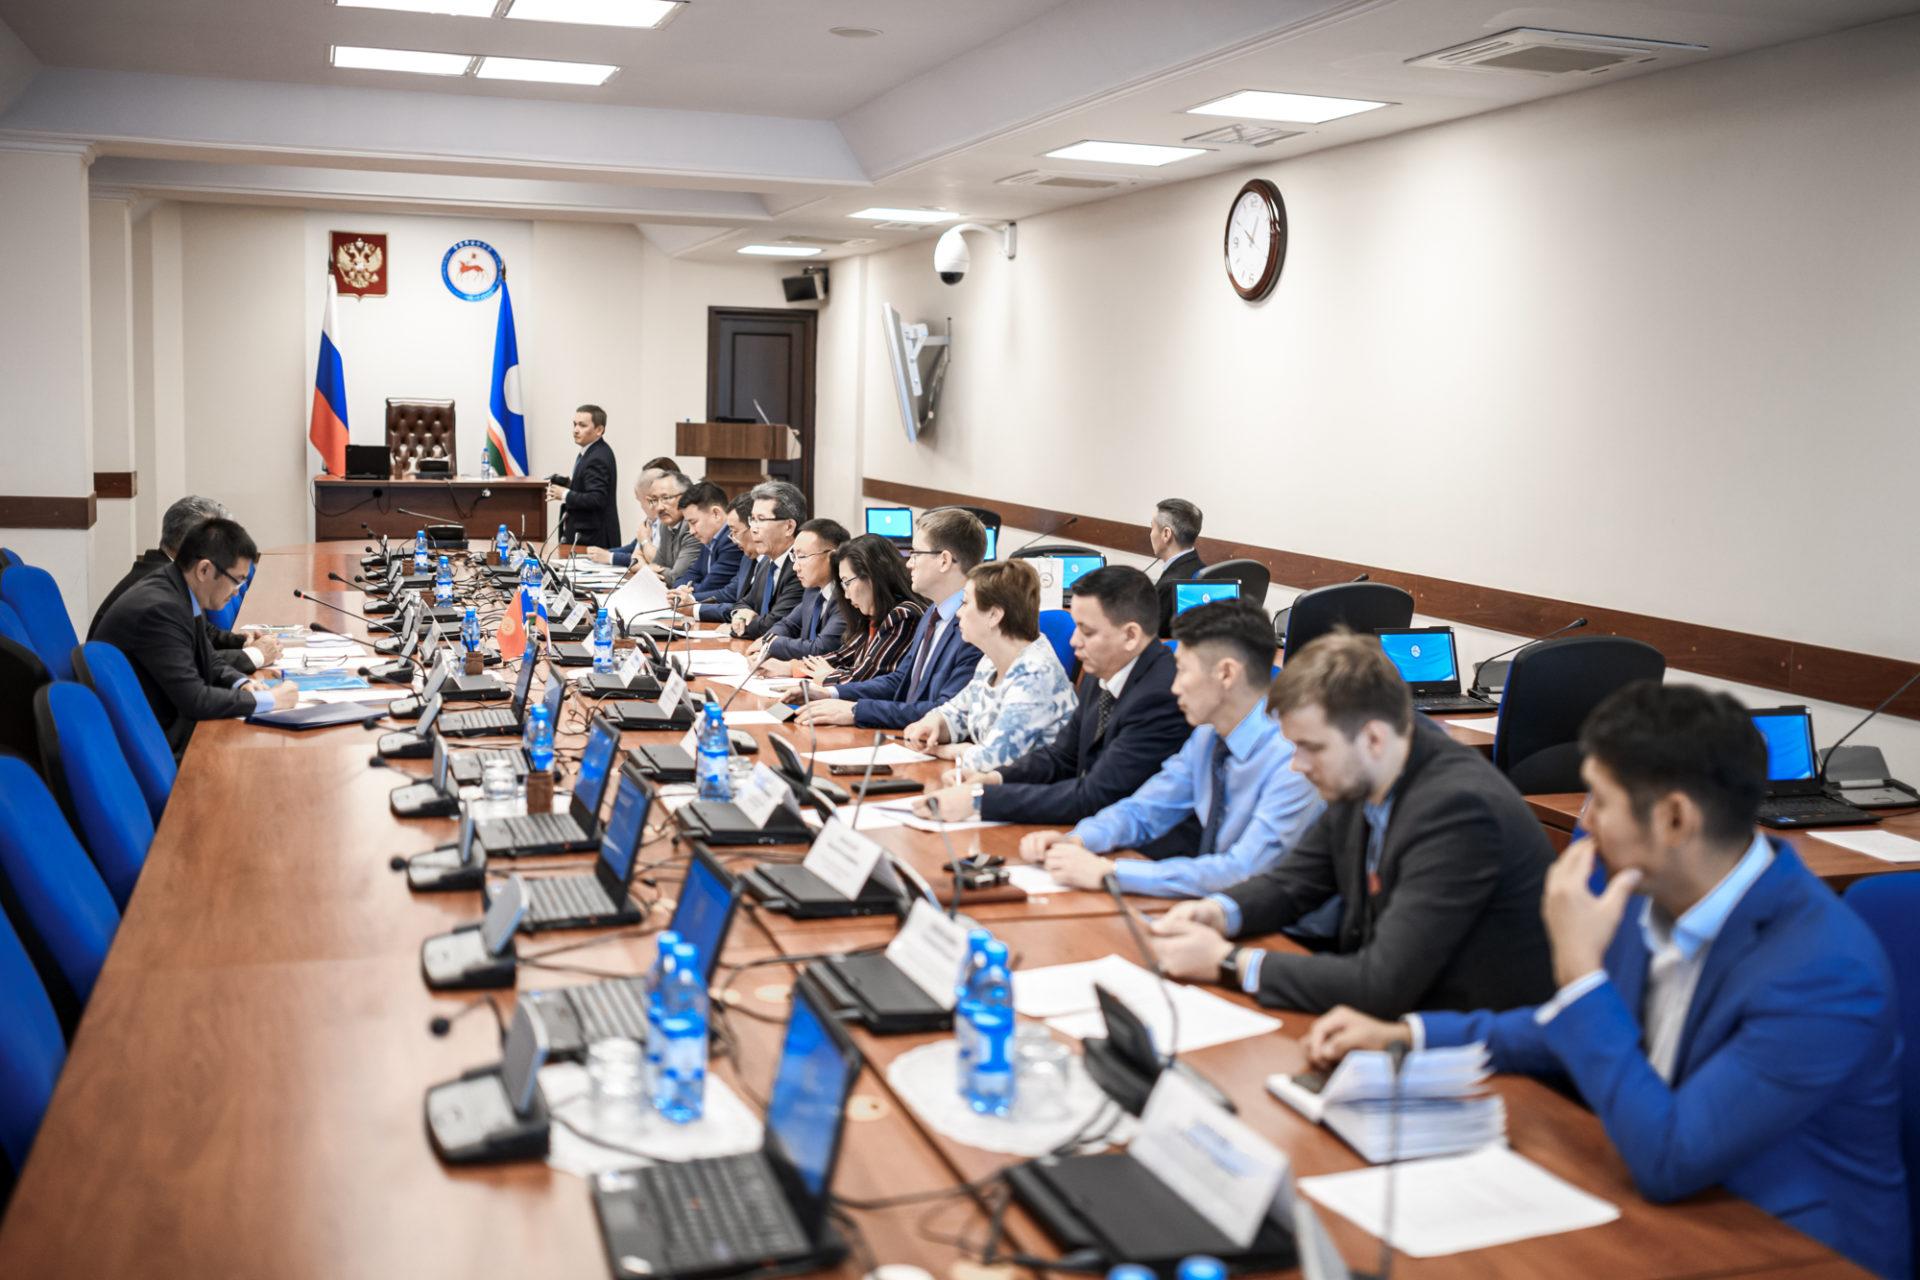 В Доме правительства Якутии состоялась встреча с Чрезвычайным и Полномочным Послом Кыргызской Республики в РФ